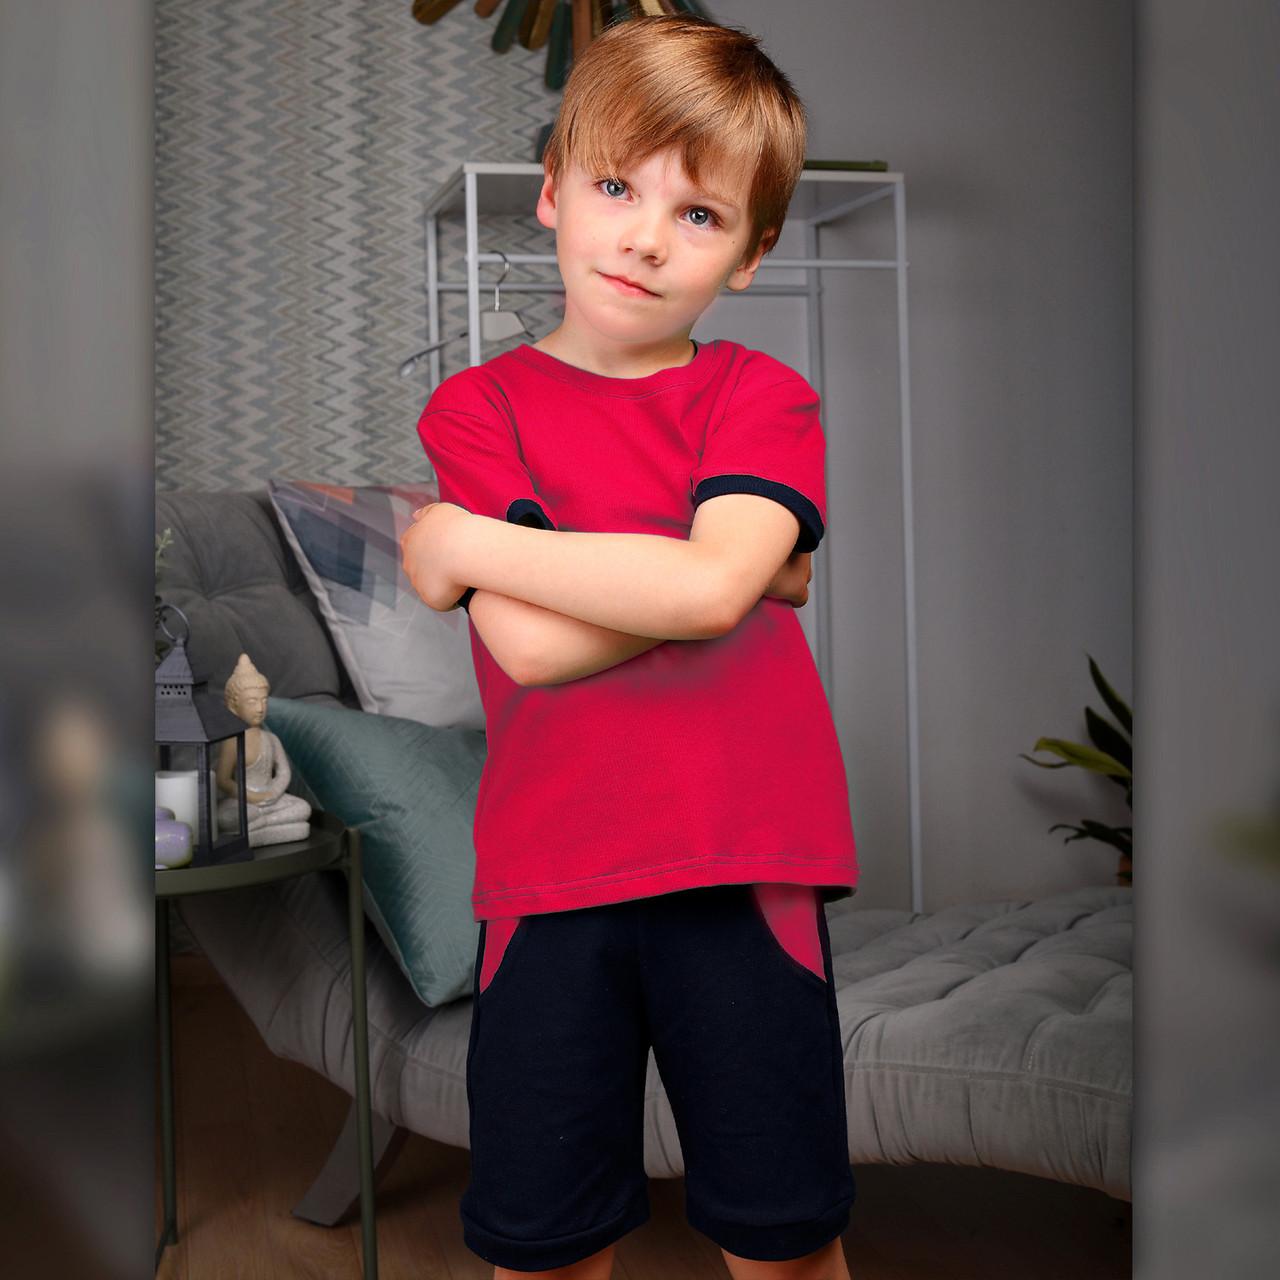 Детский летний костюм для мальчика Красный   Дитячий літній костюм для хлопчика